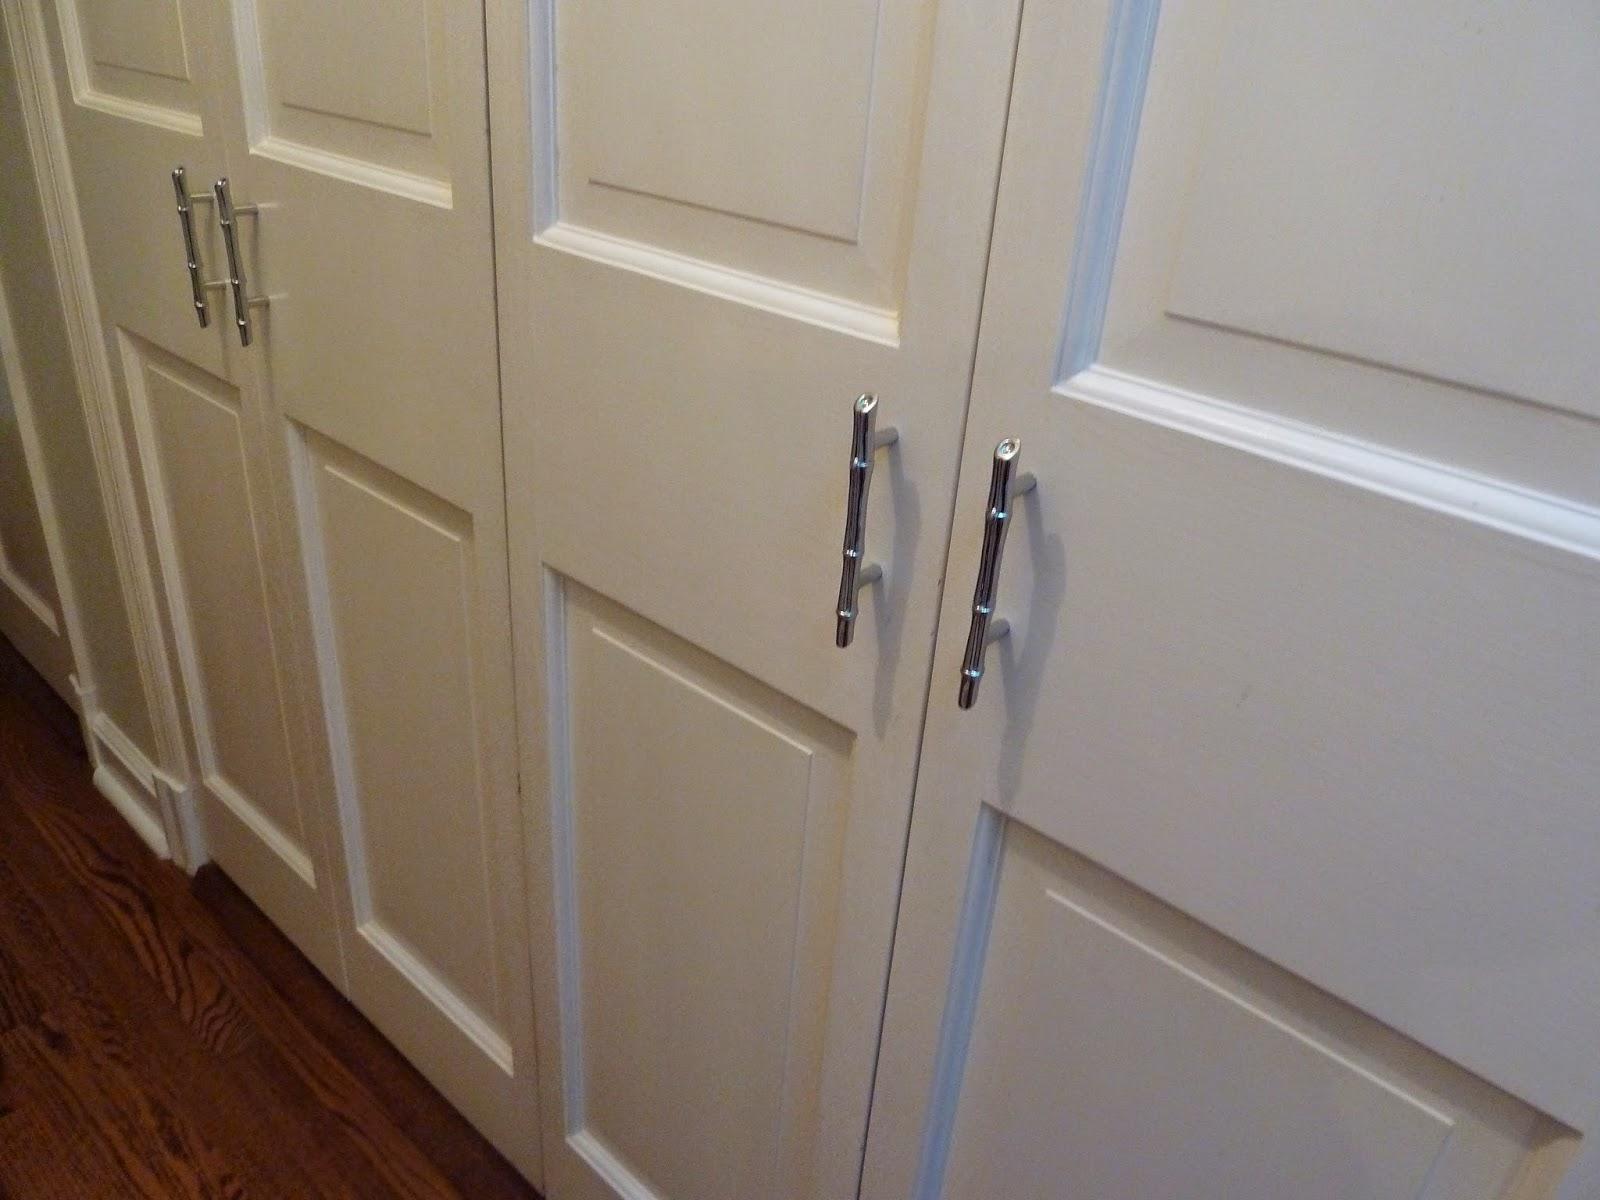 closet door knobs and pulls photo - 4